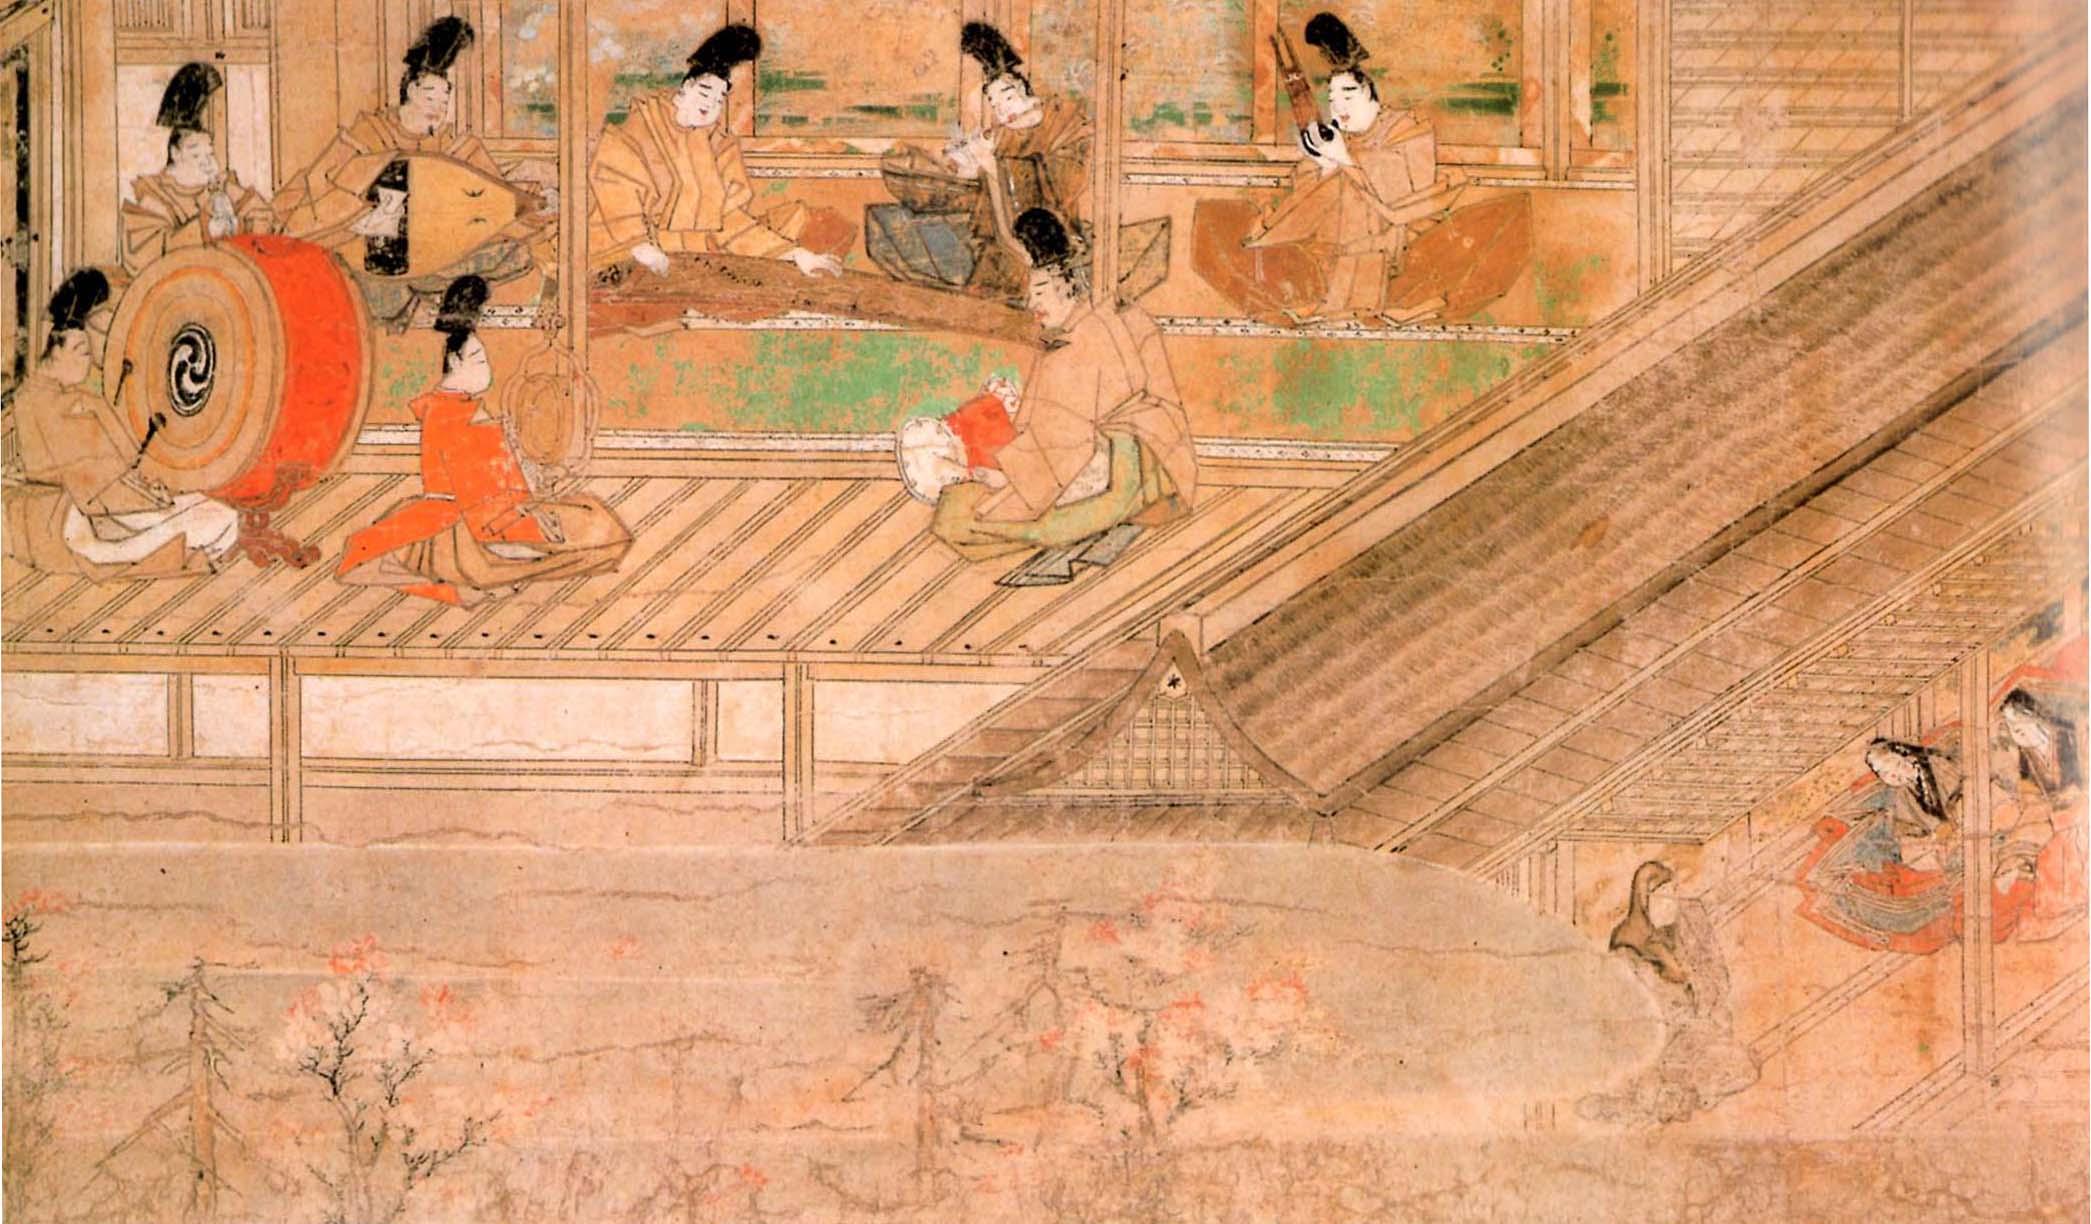 平安時代の絵巻物に描かれた平調越天楽残楽三返を演奏する様子